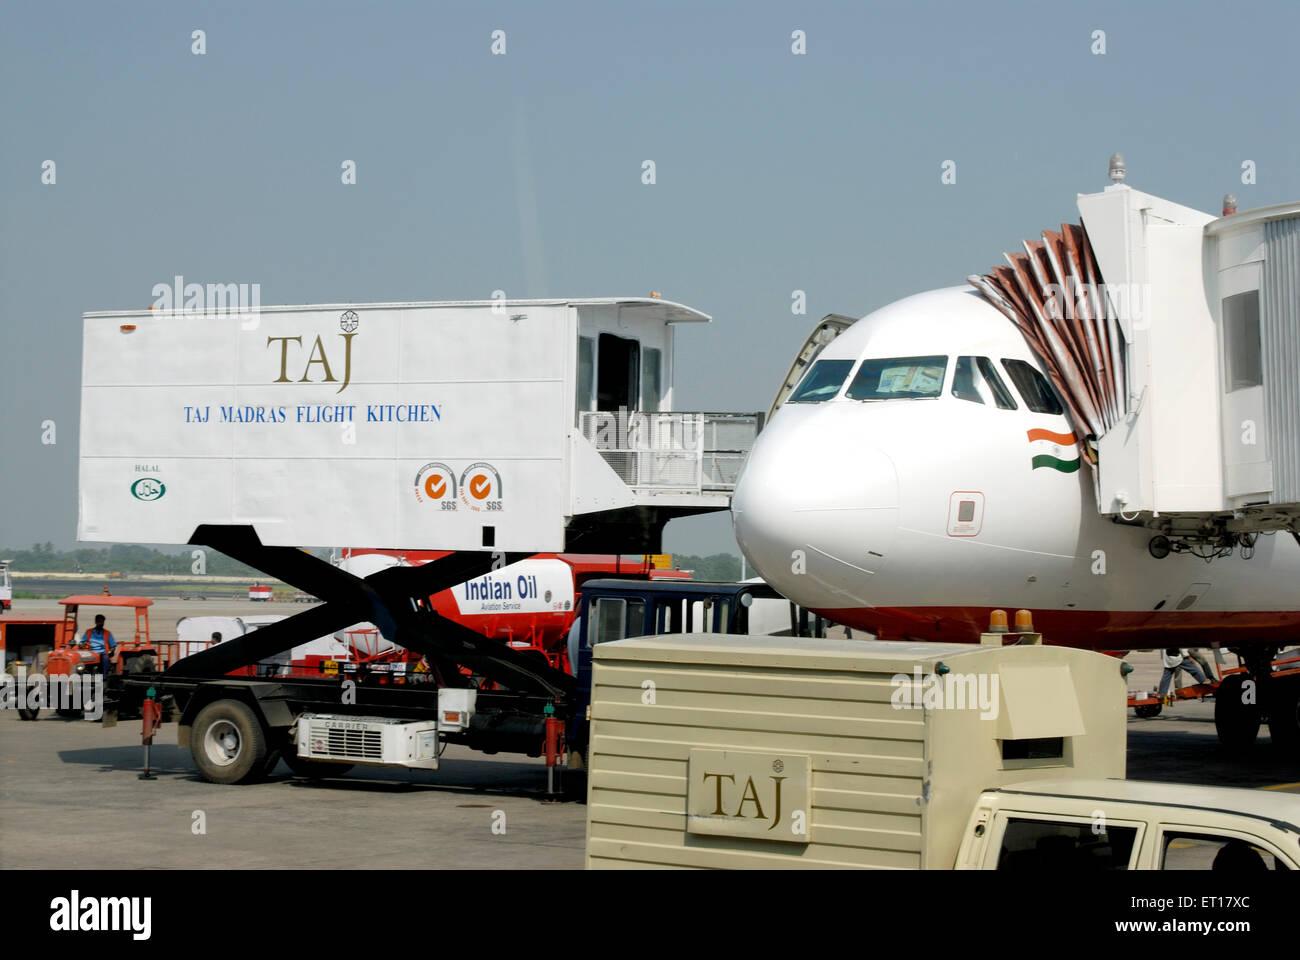 Airplane Kitchen Stock Photos & Airplane Kitchen Stock Images - Alamy